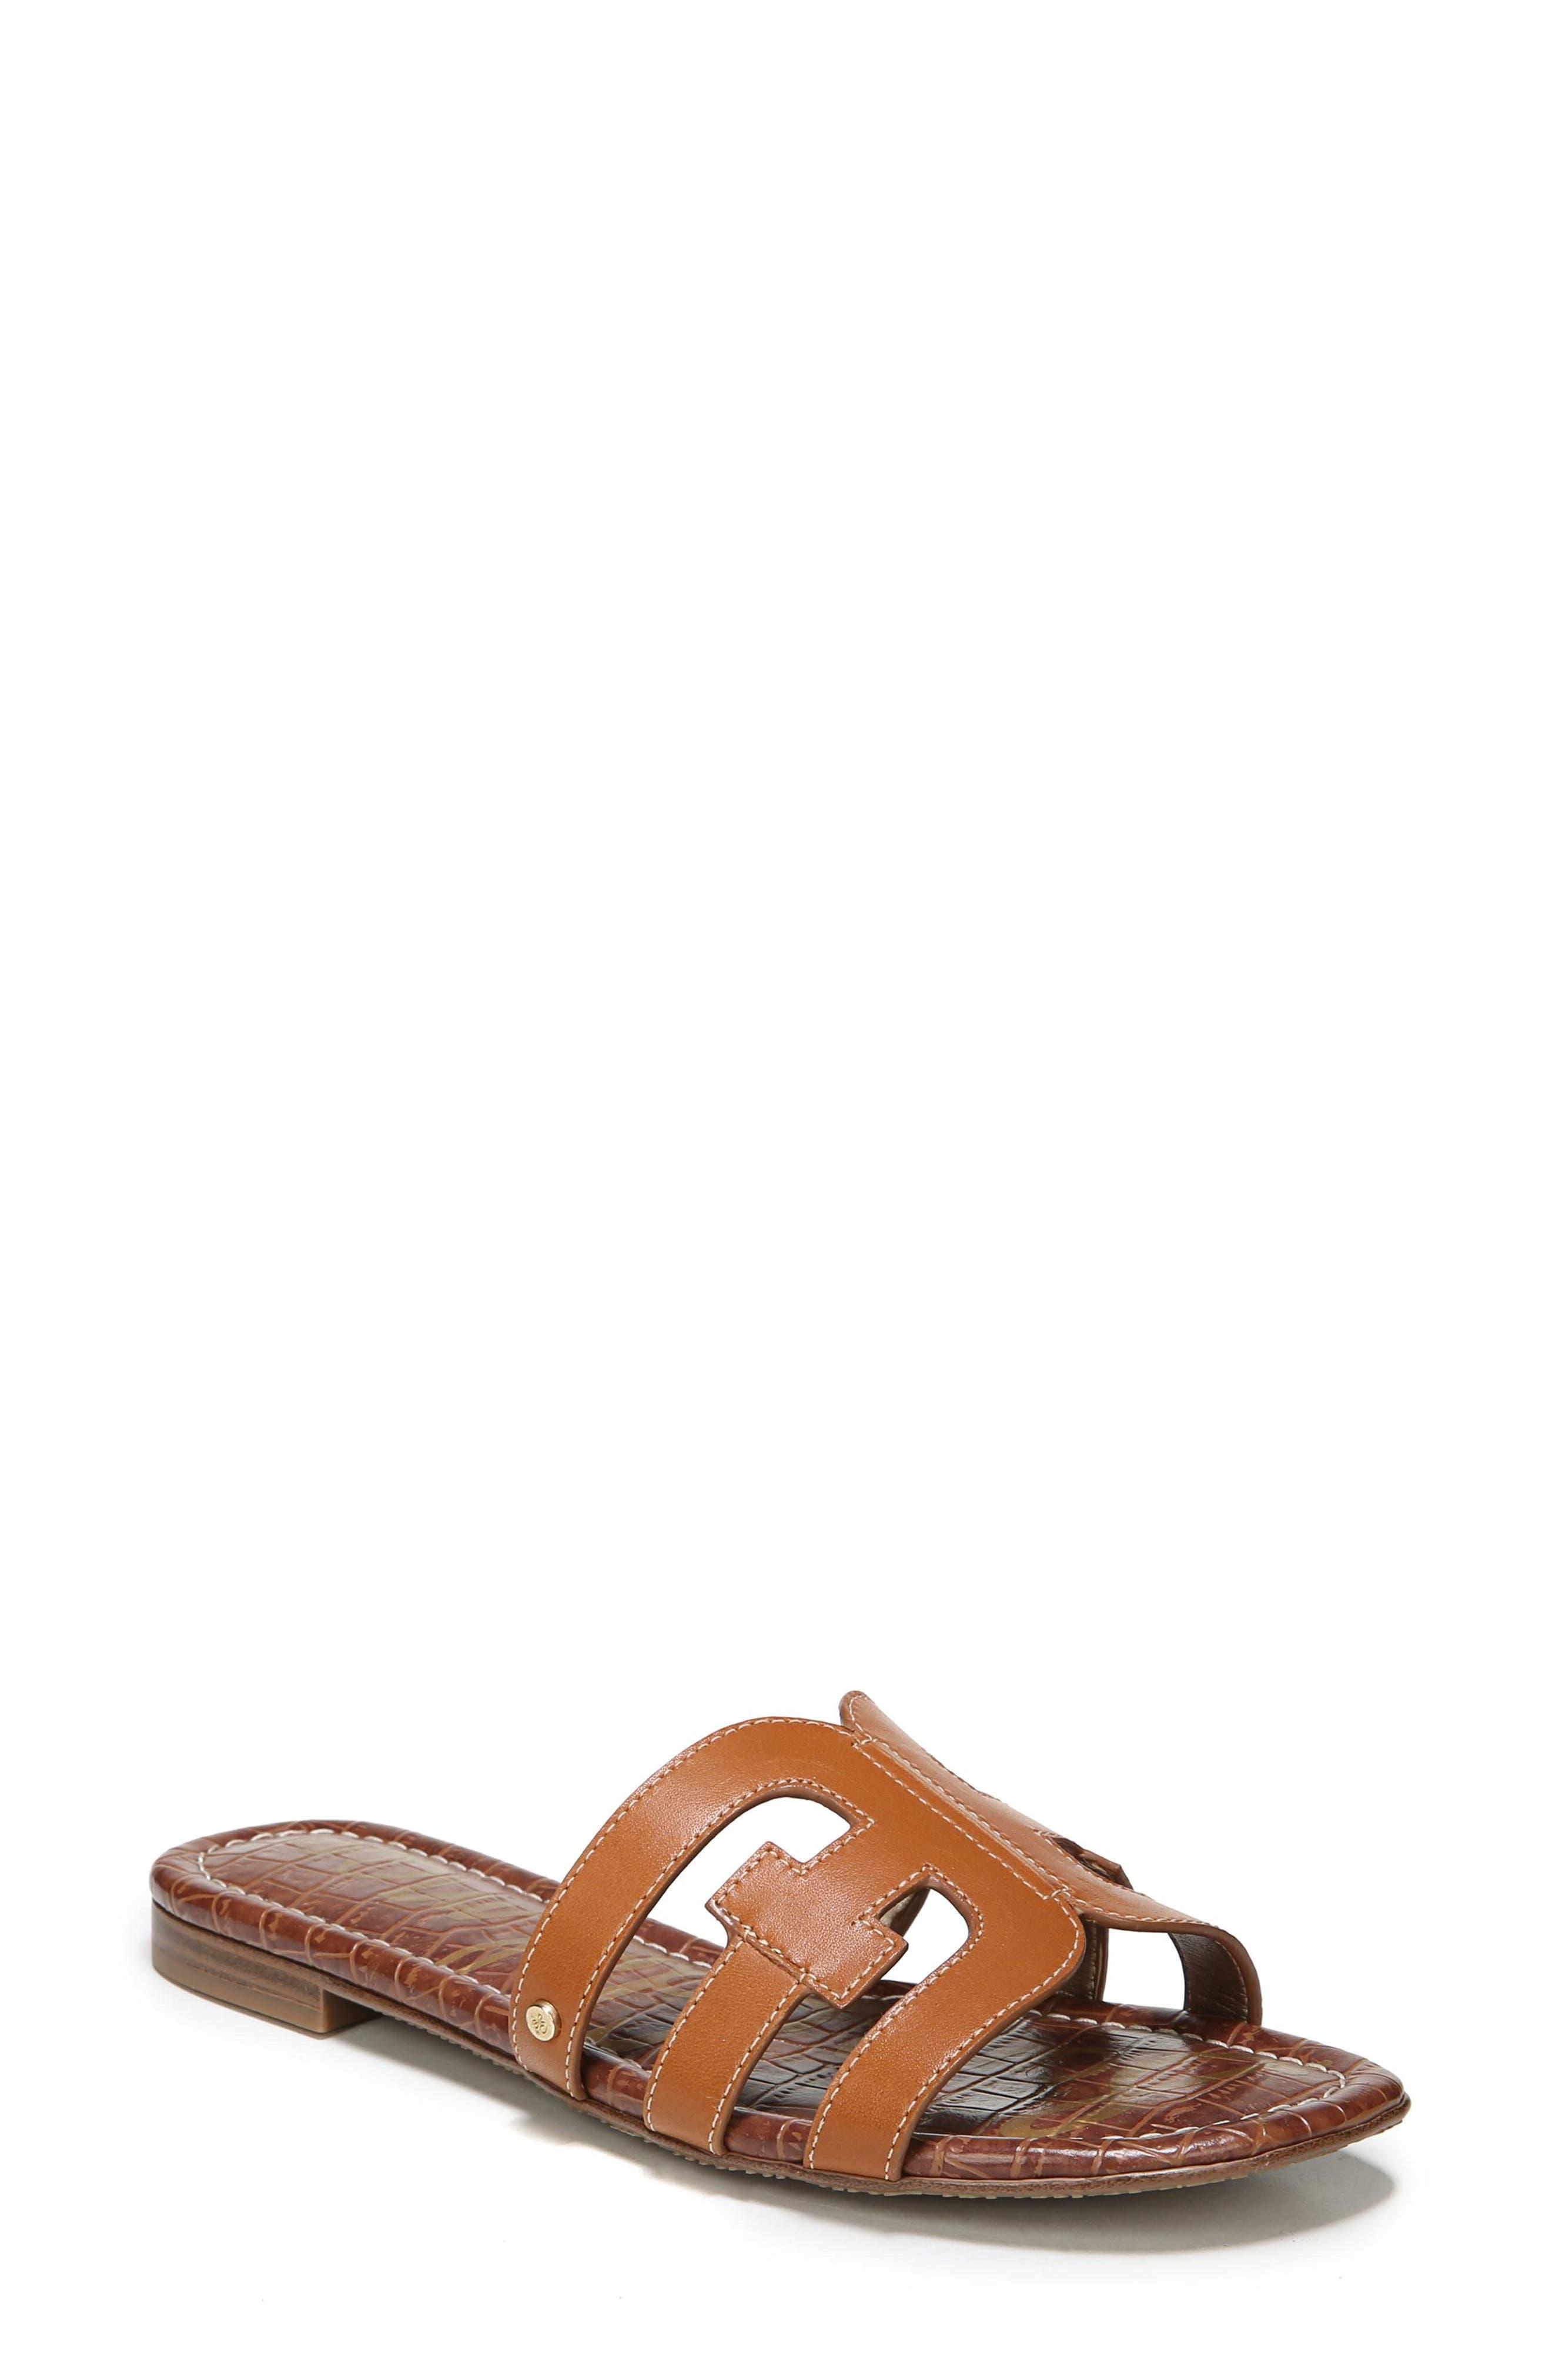 Main Image - Sam Edelman Bay Cutout Slide Sandal (Women)